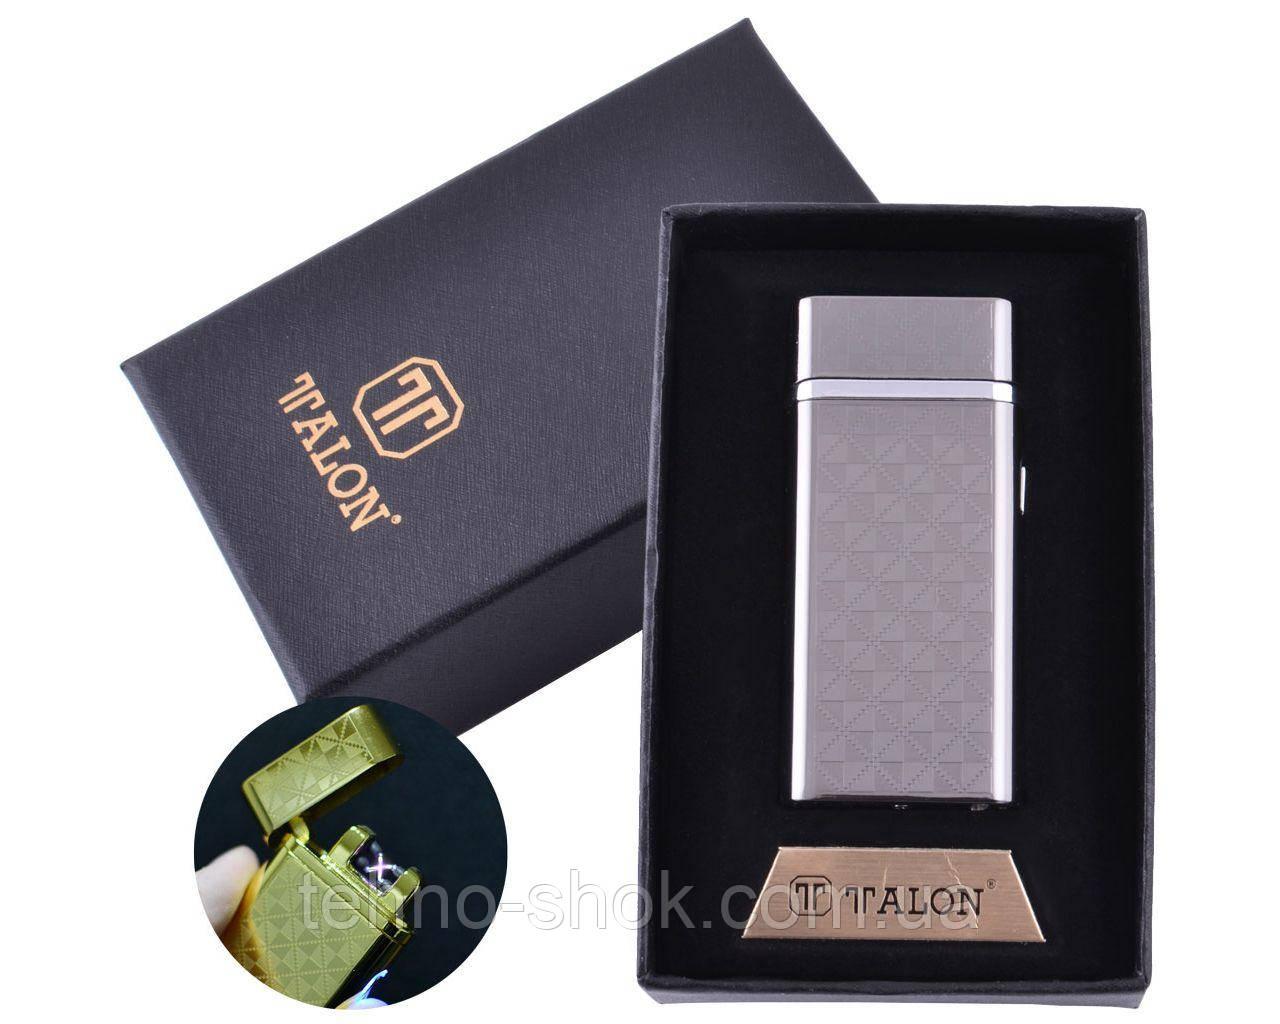 Электроимпульсная зажигалка в подарочной упаковке TALON (Двойная молния, USB)